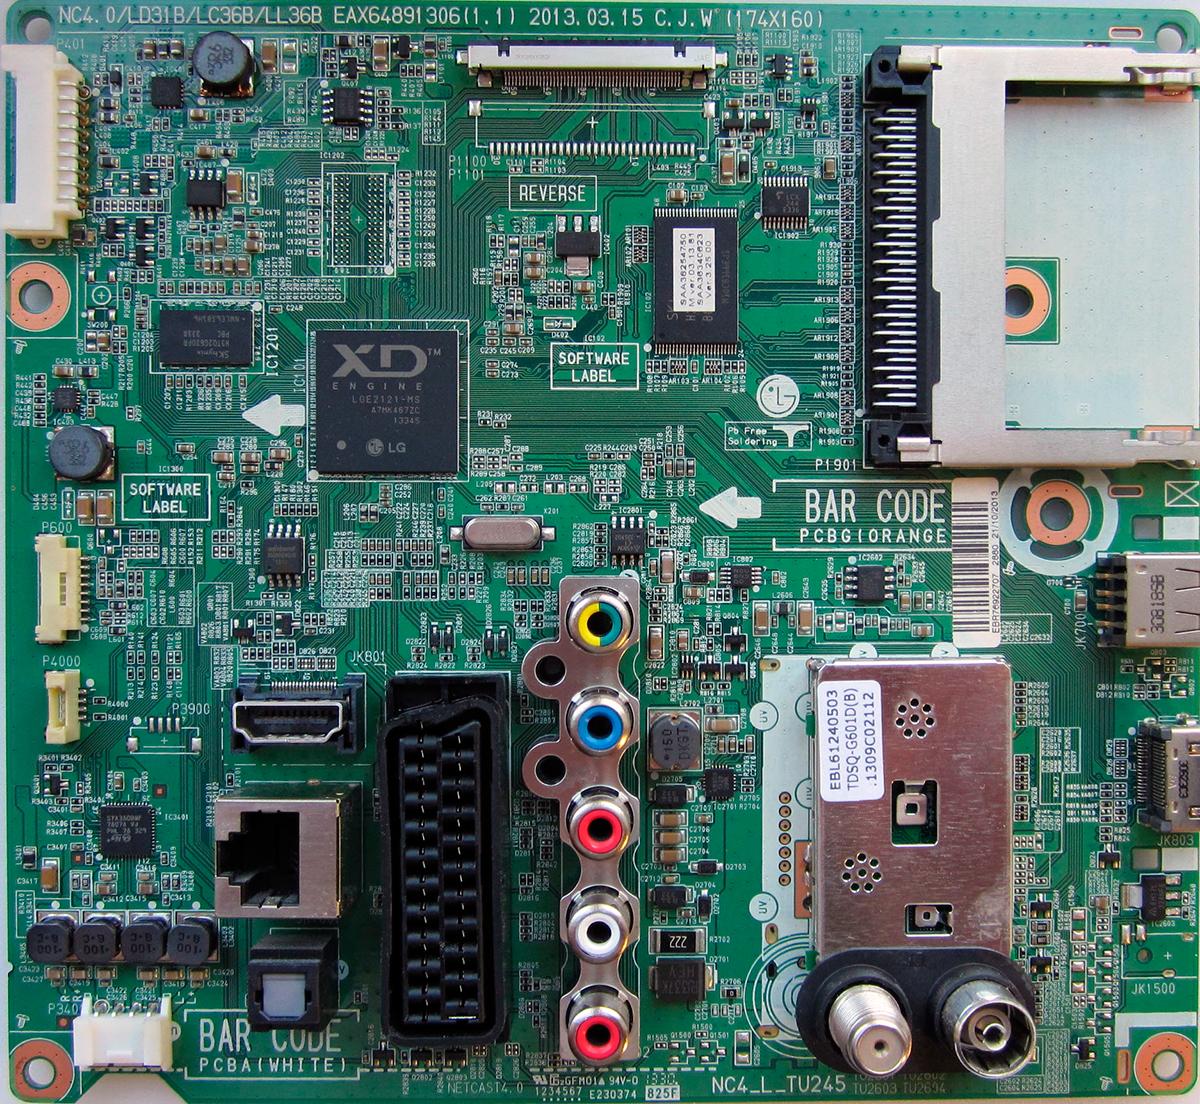 платы системной платы main board телевизора LG 32LN540V